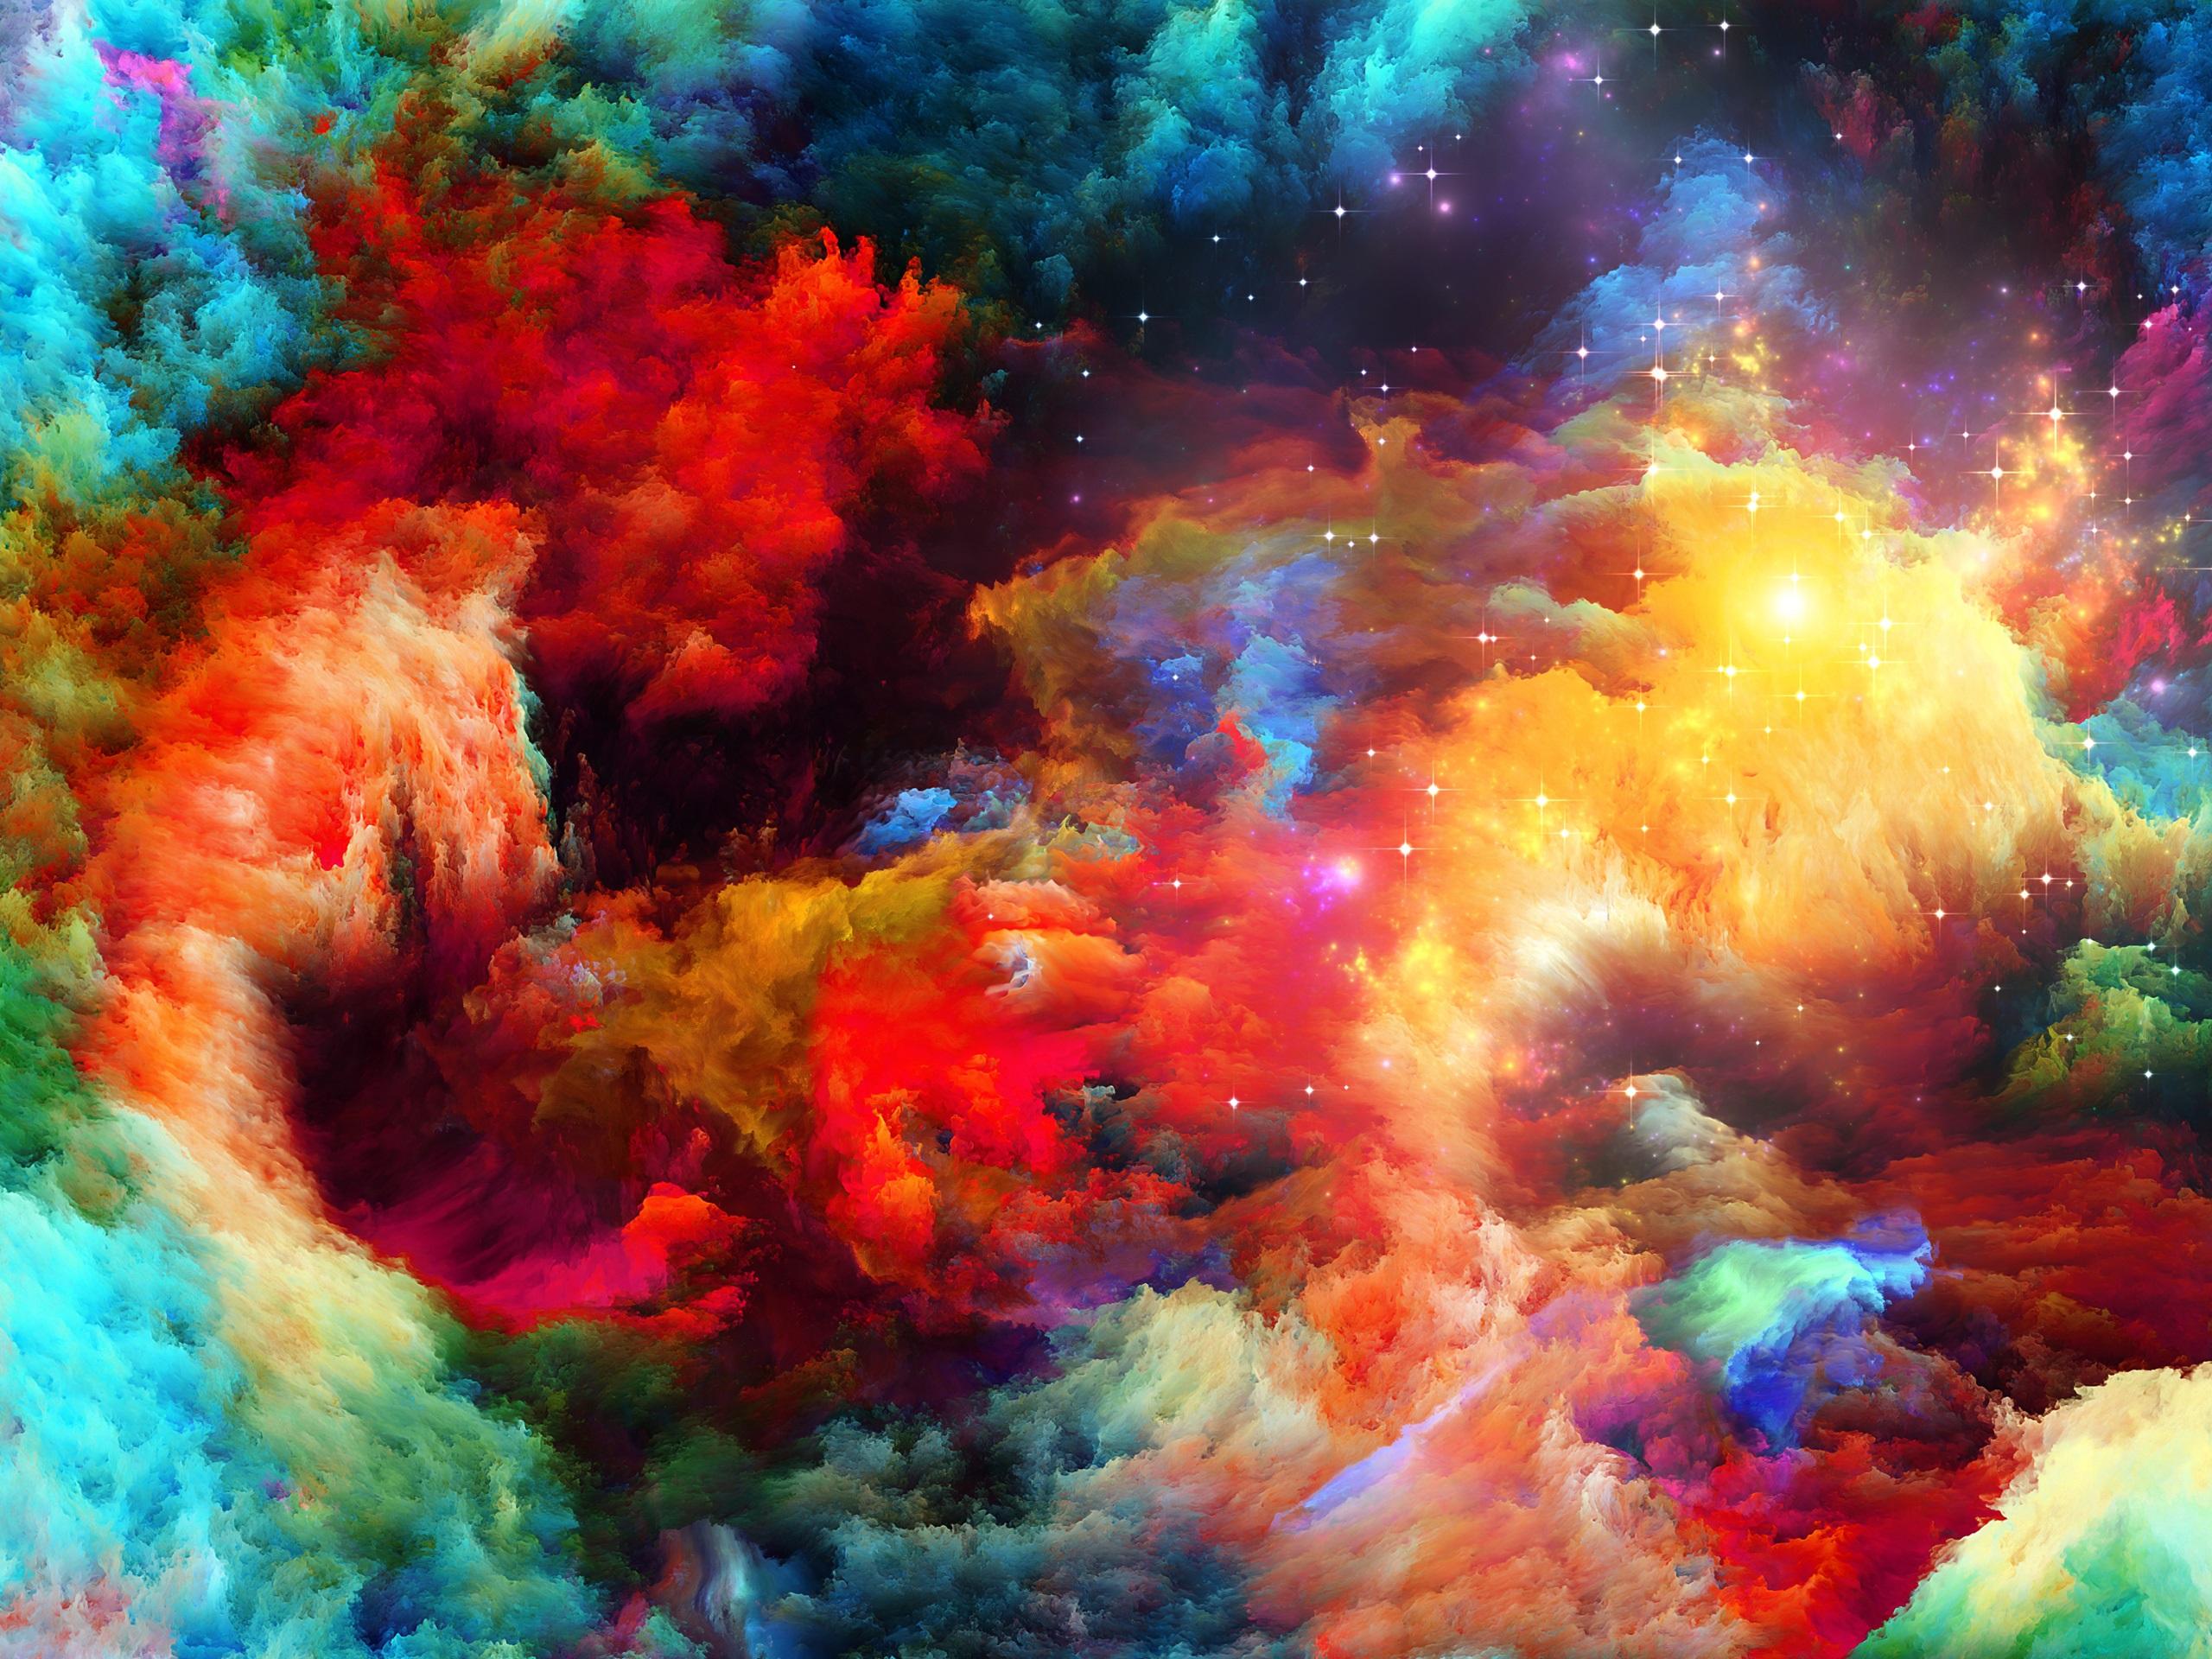 Fondos de pantalla espacio colorido dise o abstracto for Fondo de pantalla joker hd